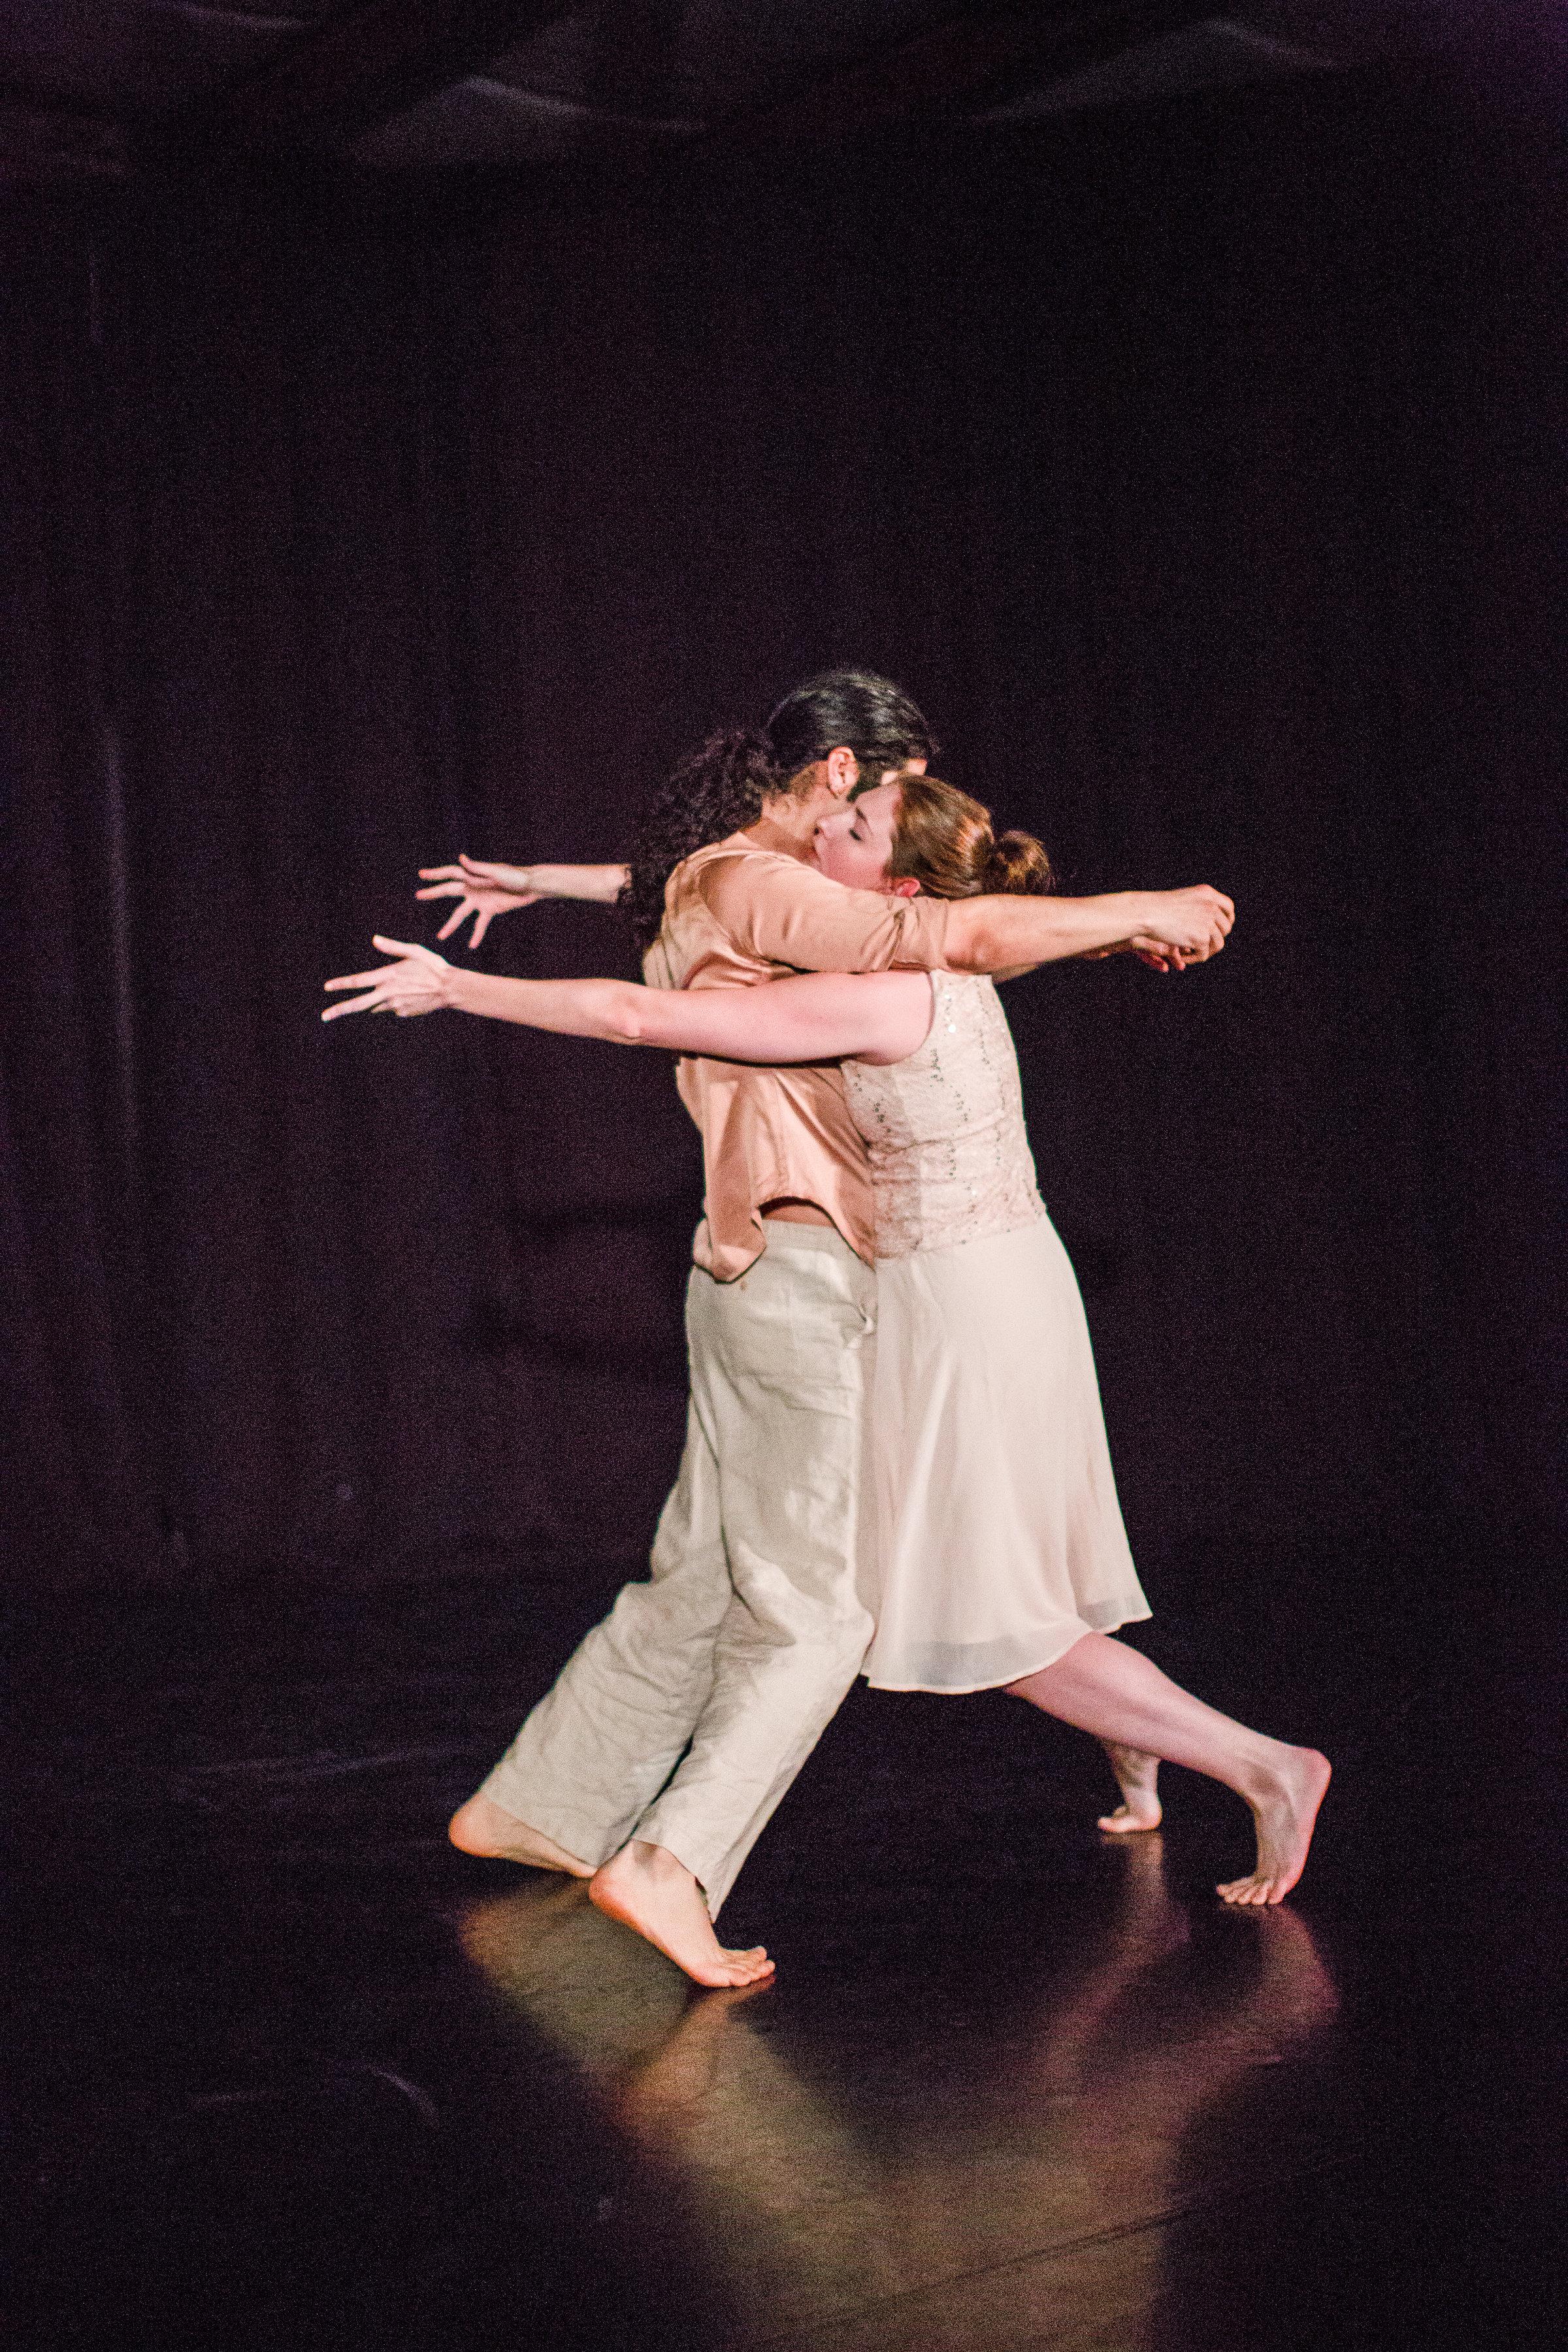 2017_12_10_durham_school_ballet_winter_showcase_party-3751.jpg